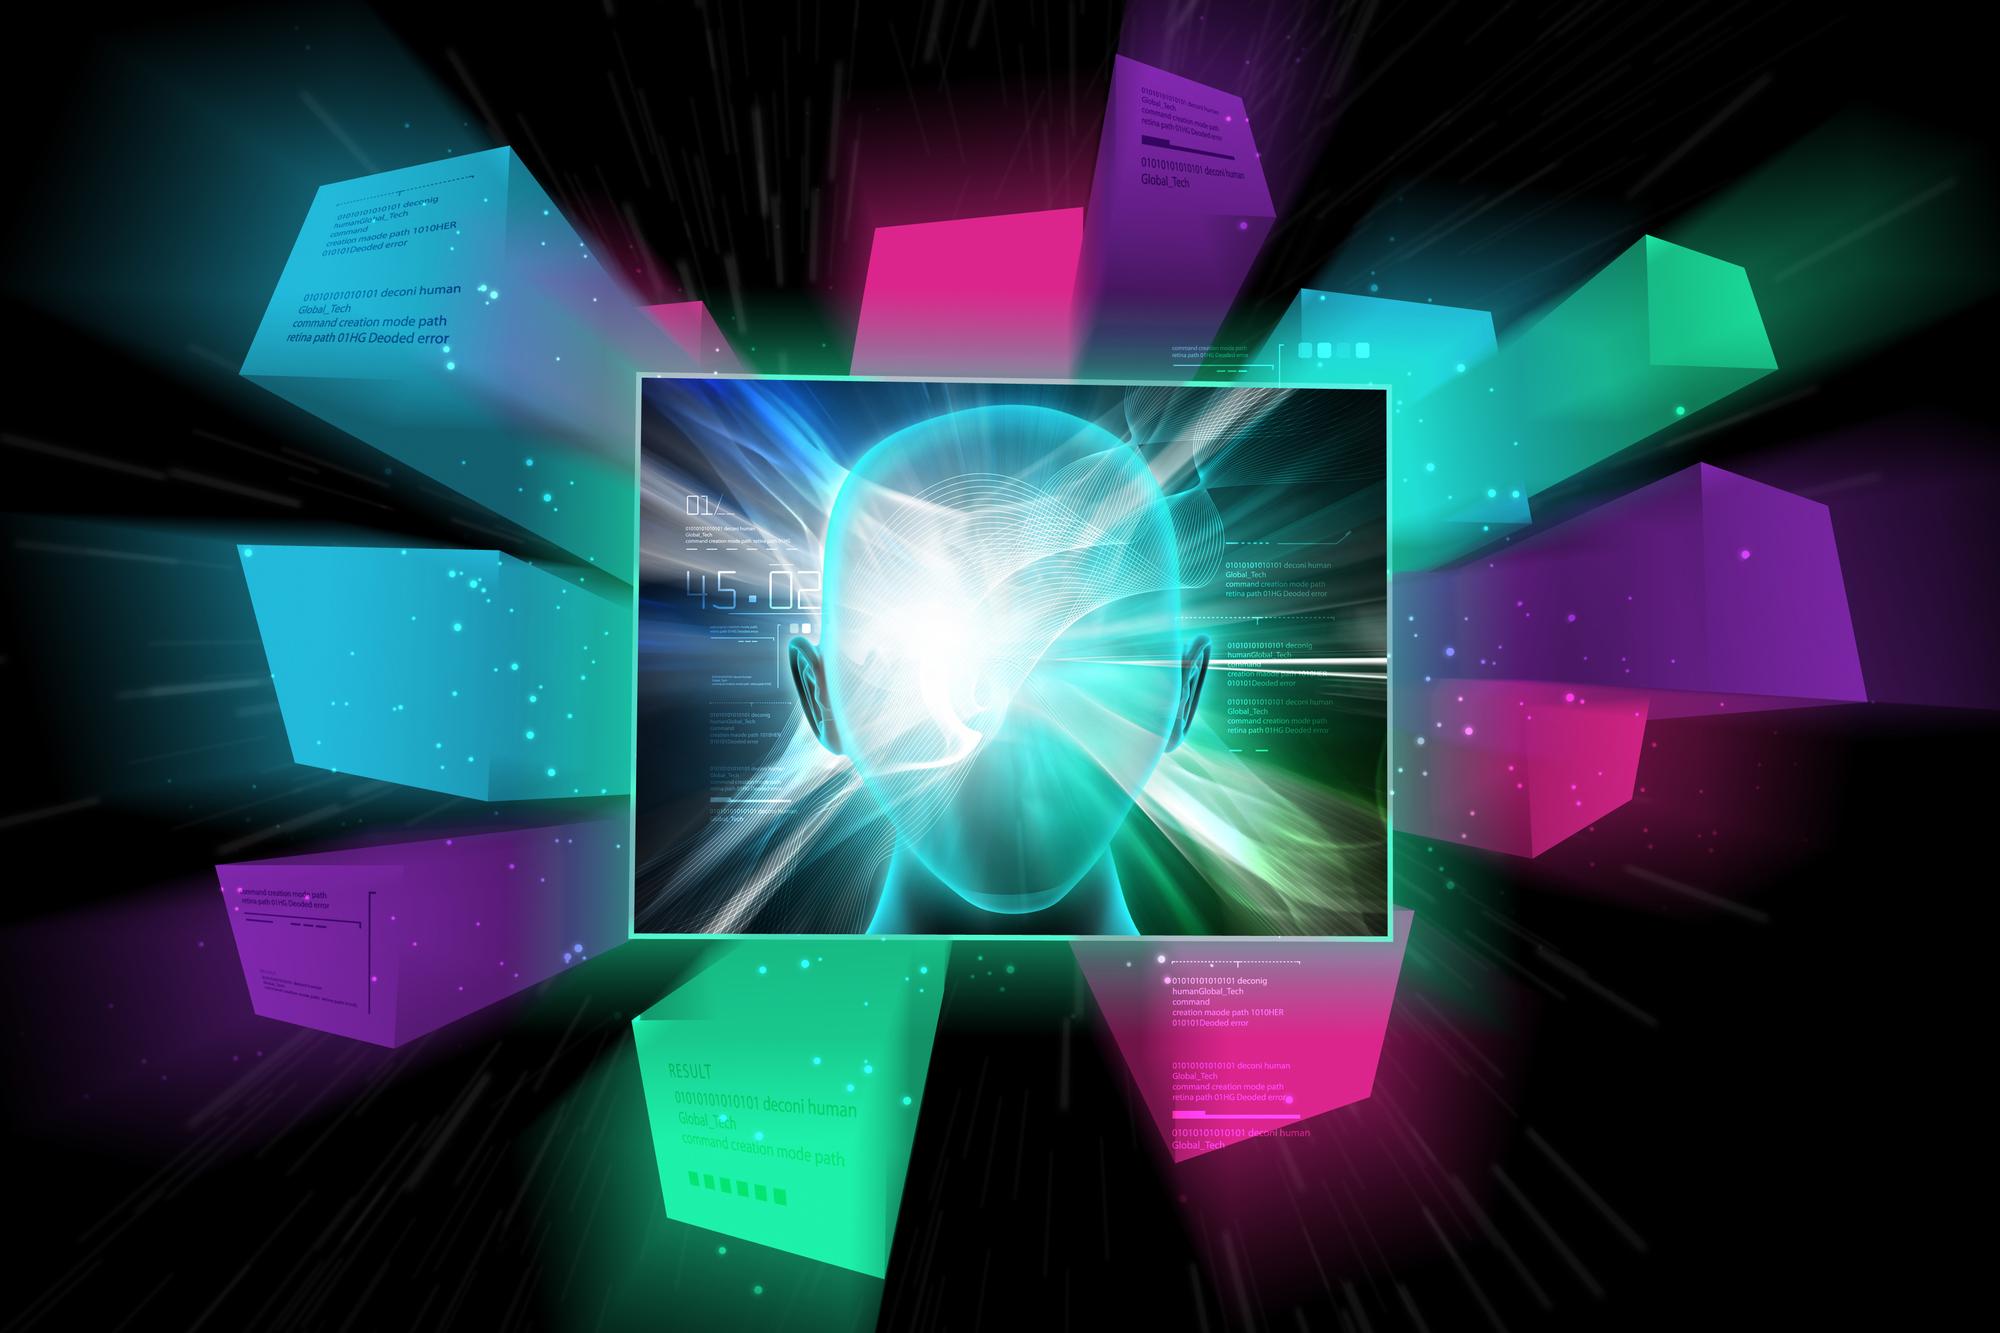 3次元思考から5次元思考へ進むこと。超感覚は「無限の可能性」を現す!